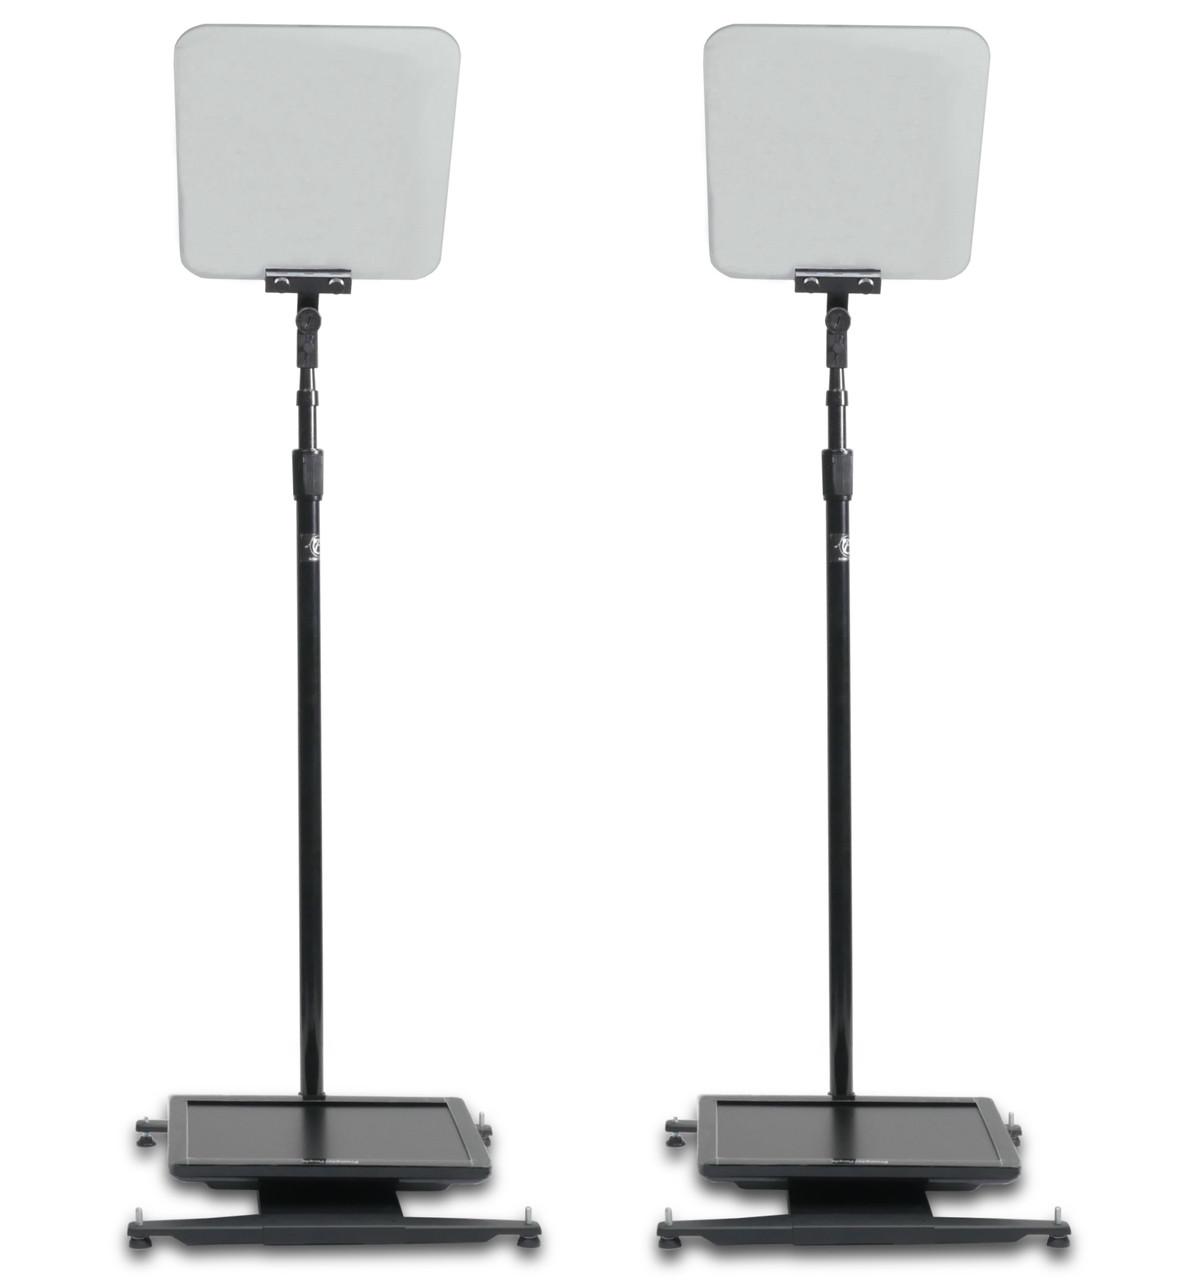 StagePro Series - Pair